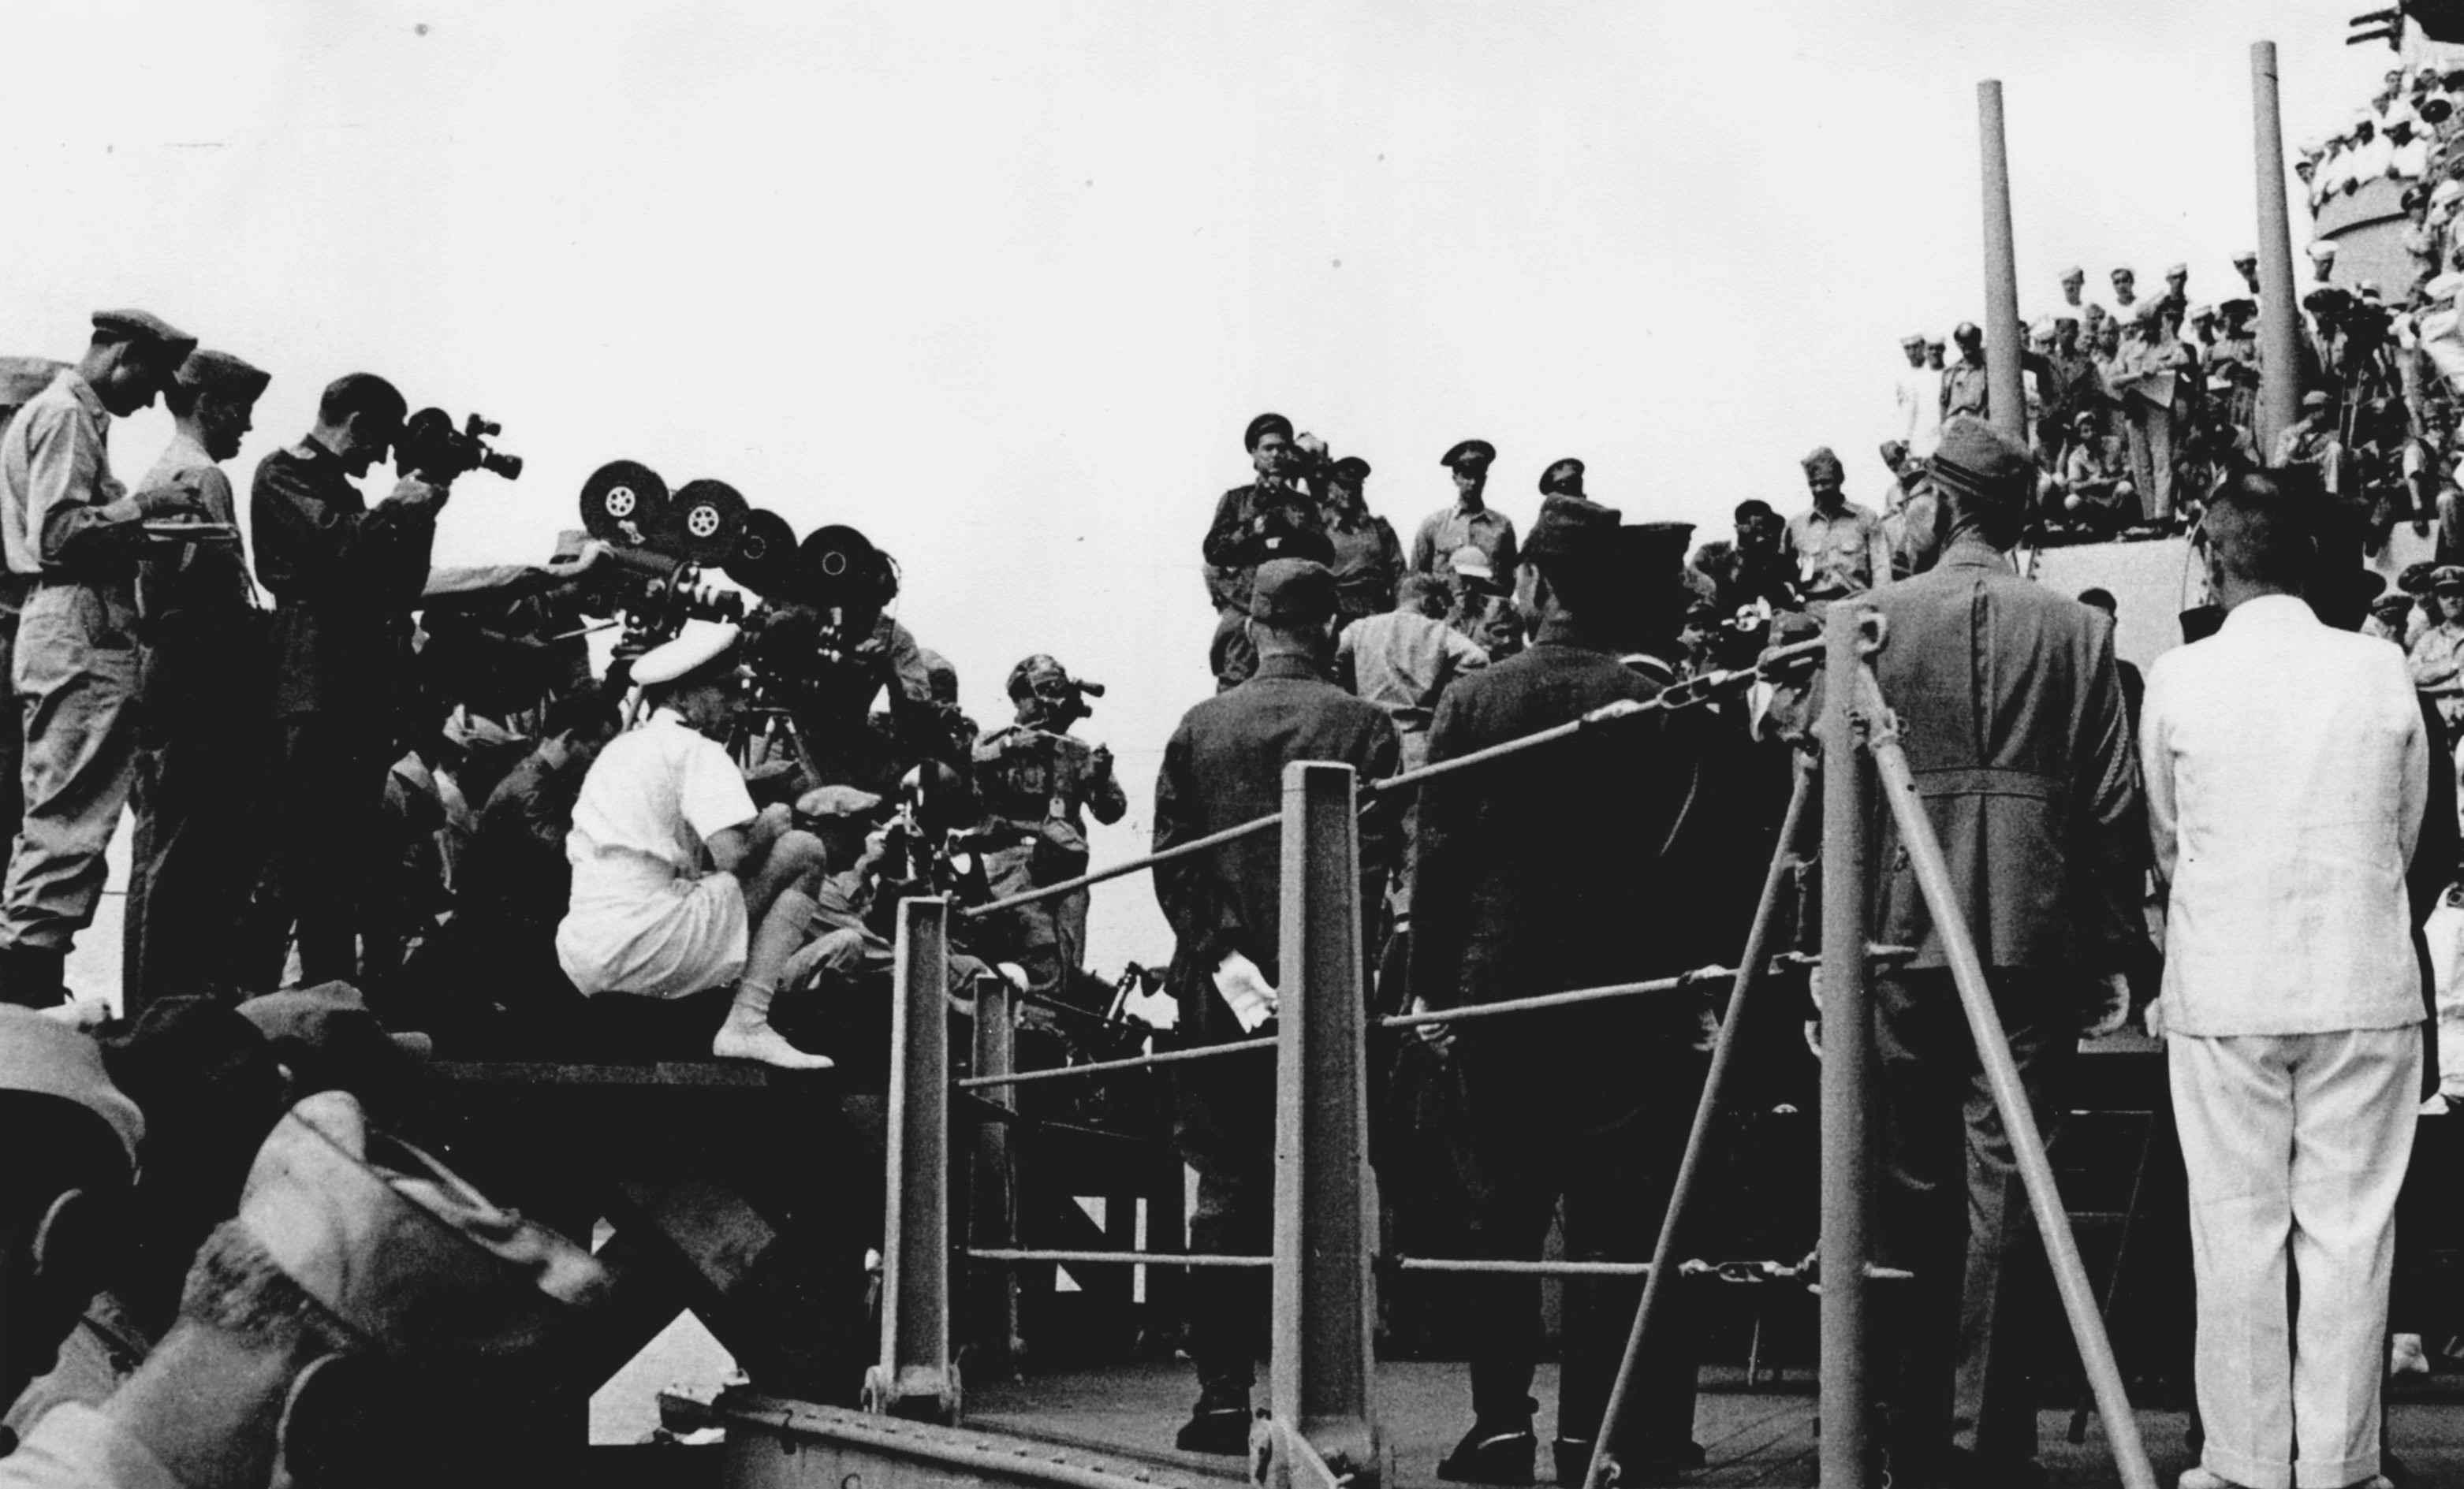 """Экспонат #10. Военные корреспонденты на линкоре """"Миссури"""". 2 сентября 1945 года"""